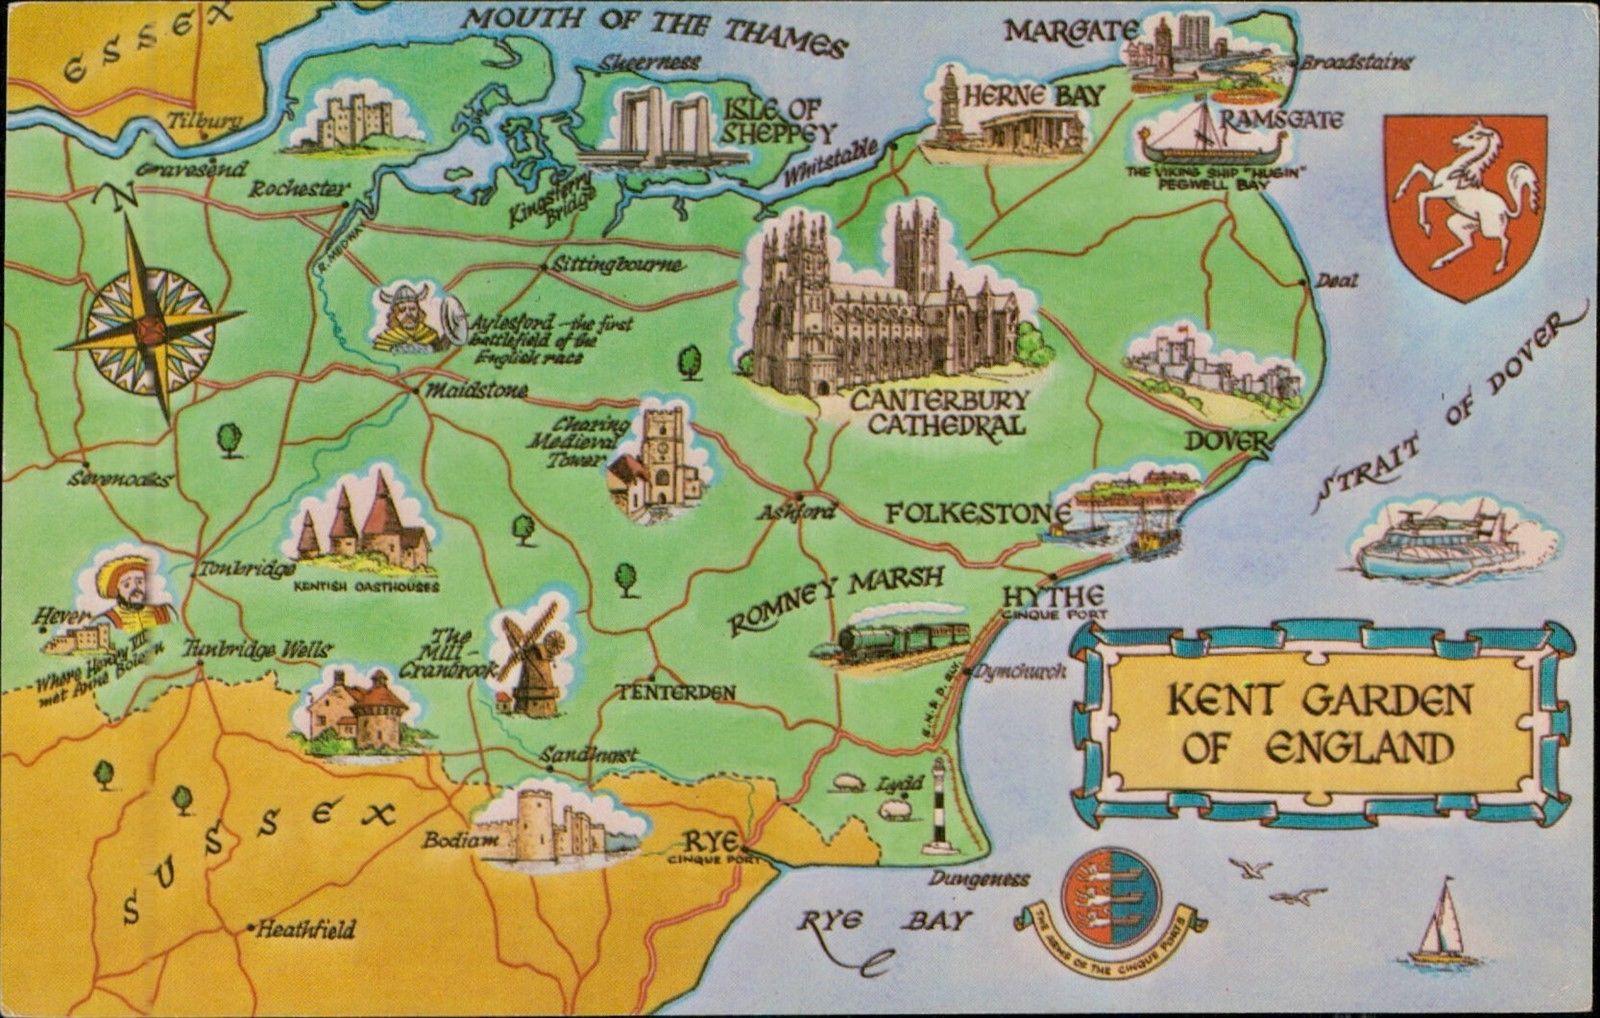 Map Of England Kent.Kent Garden Of England Uk Map Postcard Hippostcard